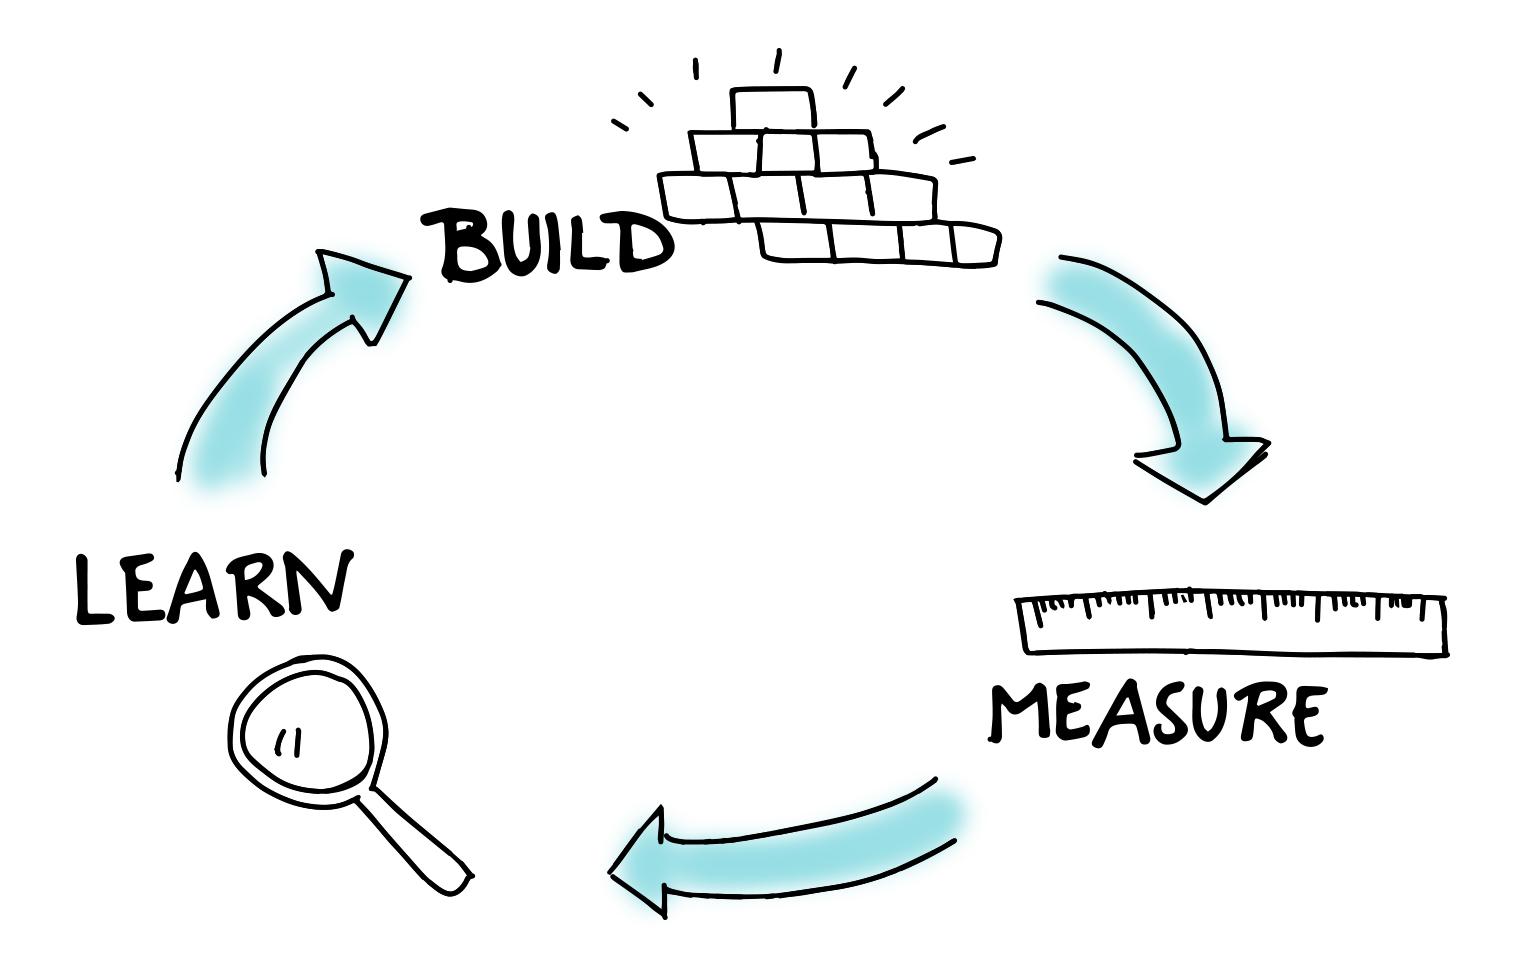 حلقه بازخورد ساختن، اندازهگیری، یادگیری